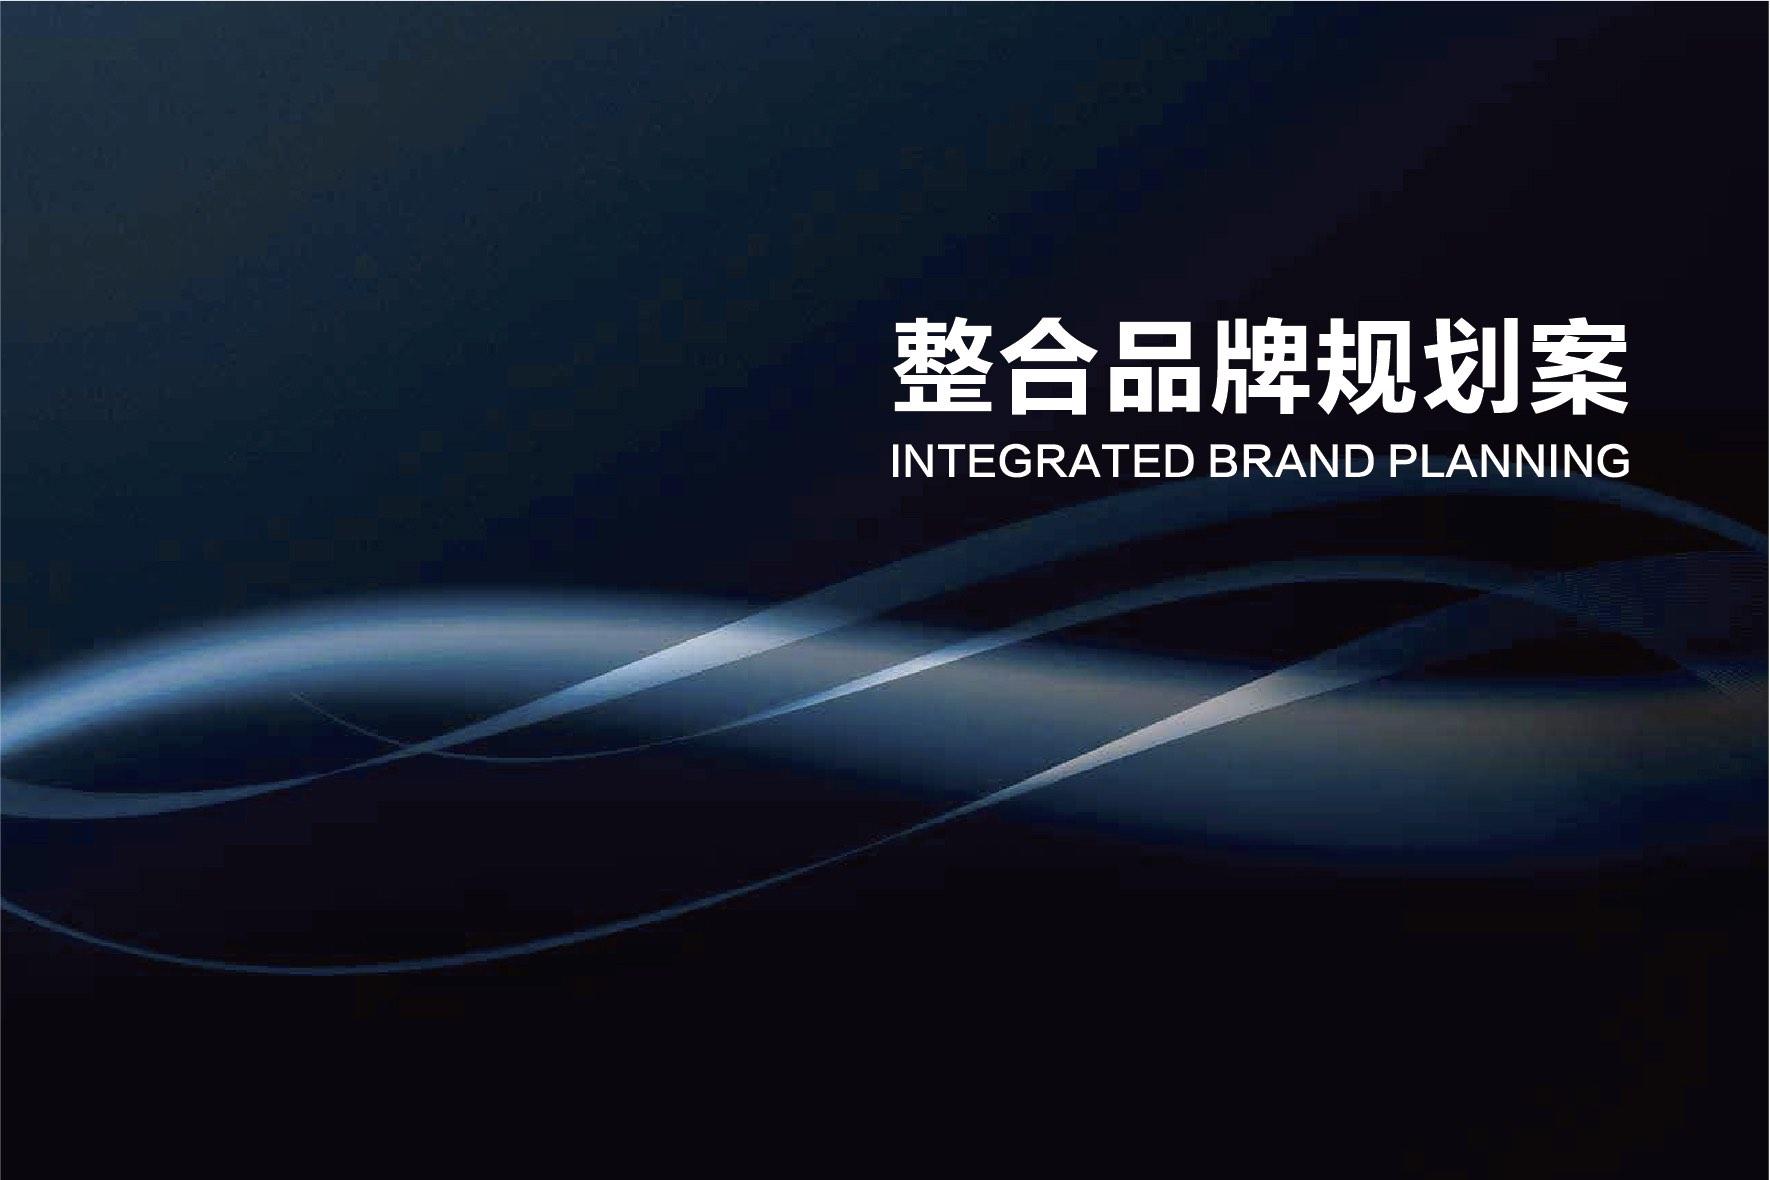 品牌梳理策划-胜景传动科技